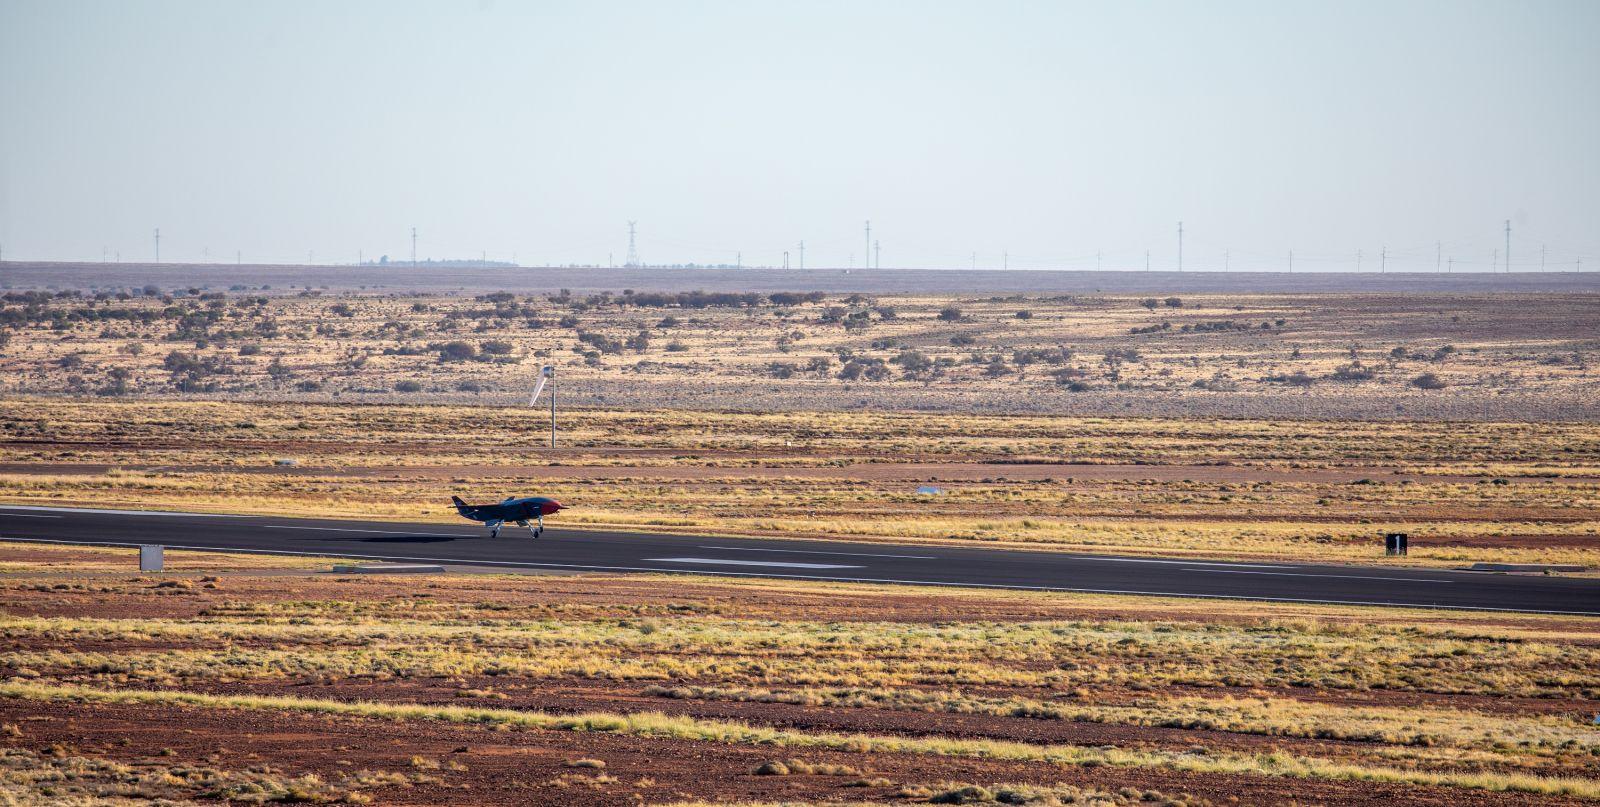 БЛА Boeing Loyal Wingman извърши първия си полет. Успешният тест ускорява програмата на Кралските австралийски ВВС (ГАЛЕРИЯ, ВИДЕО)